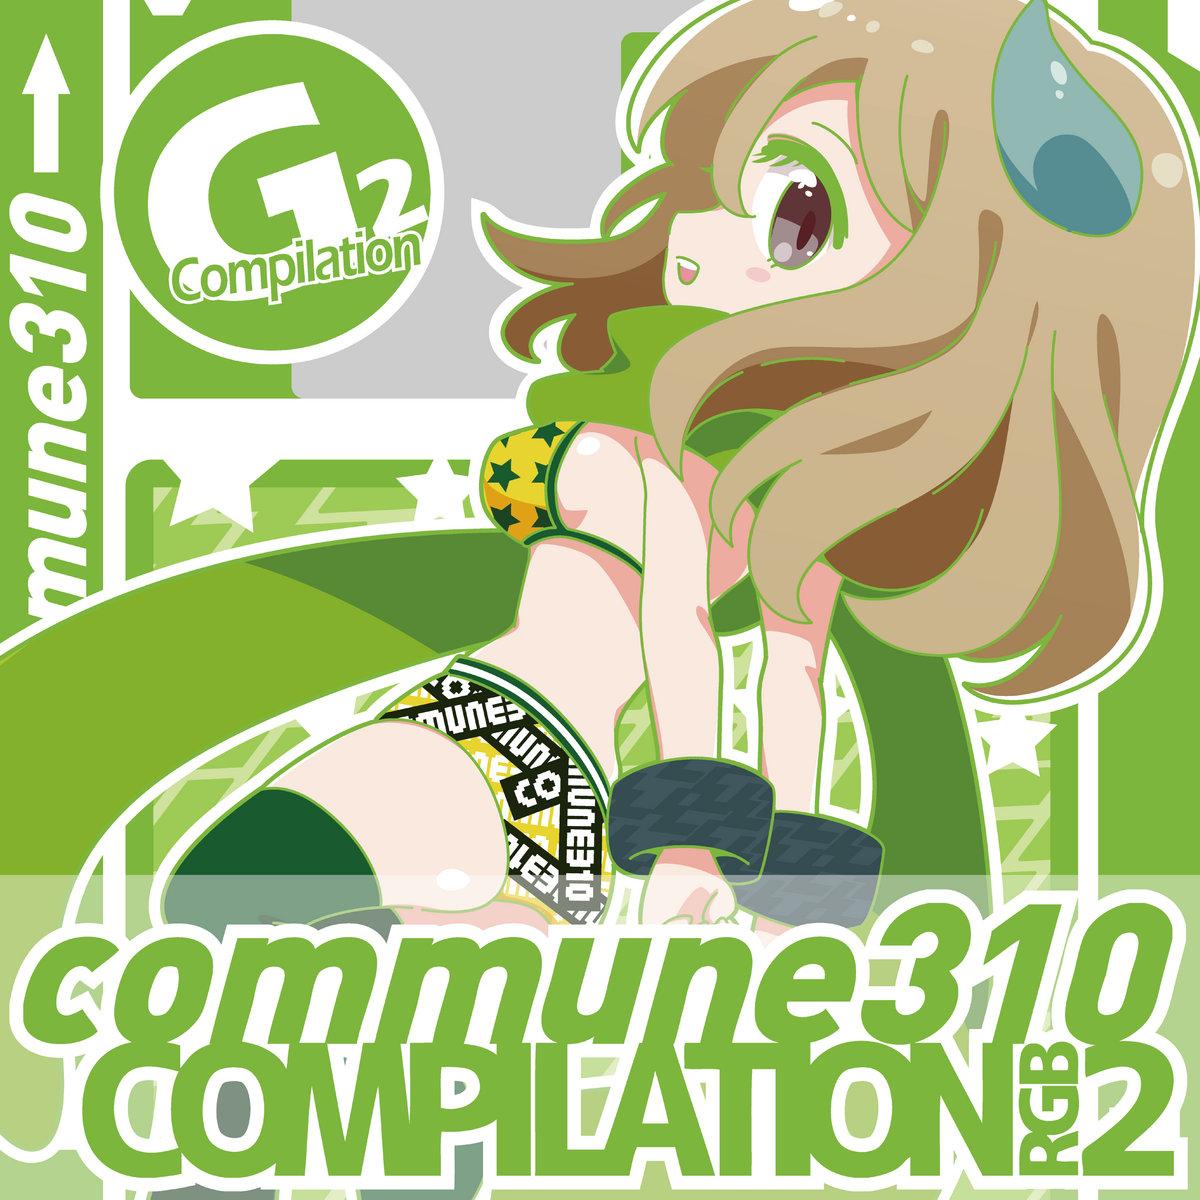 commune310 compilation G2 | commune310